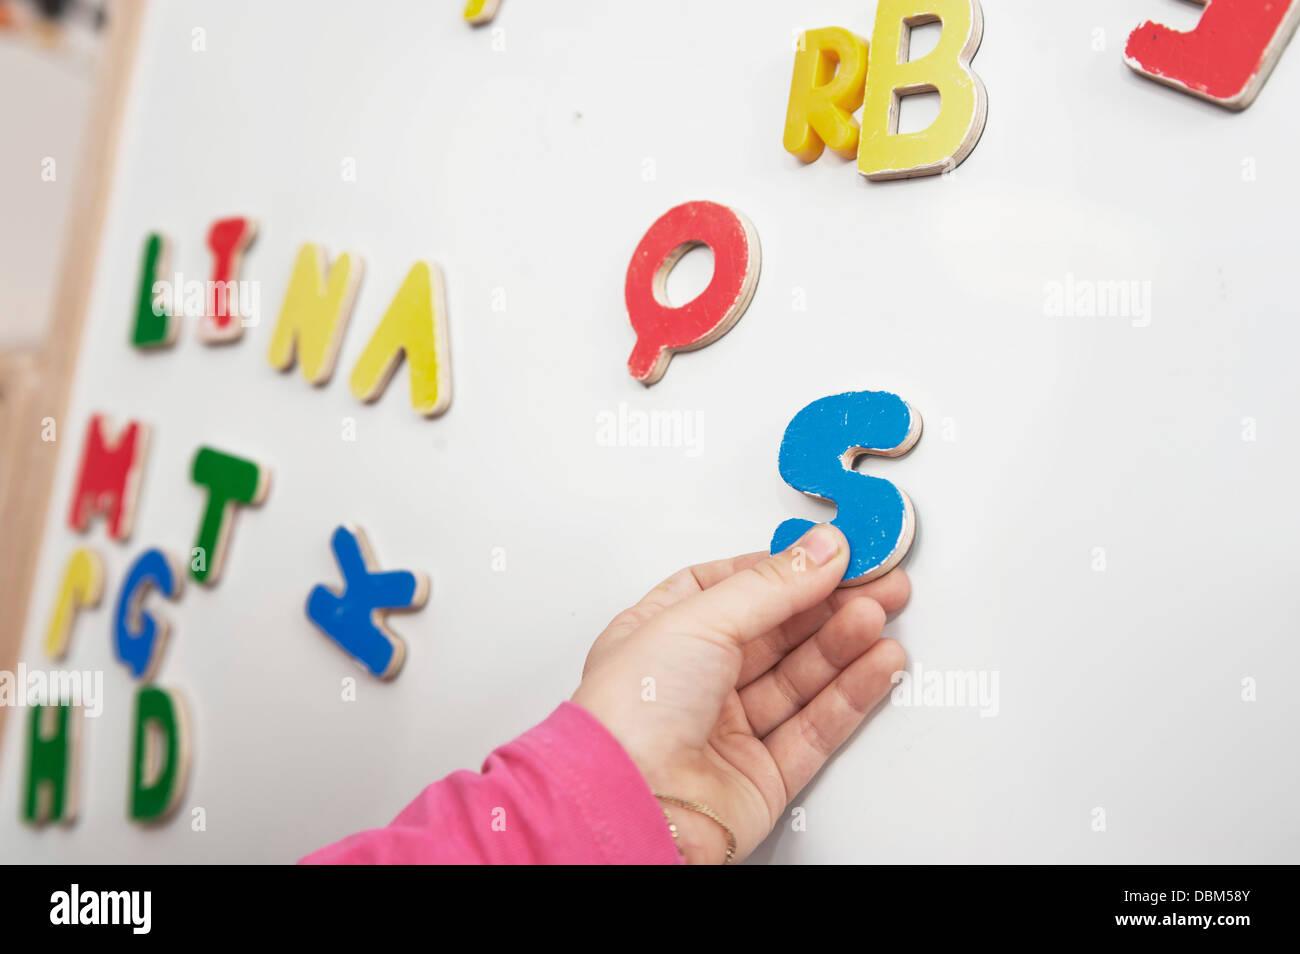 Großbuchstaben auf Blackboard, Nahaufnahme, Kottgeisering, Bayern, Deutschland, Europa Stockbild